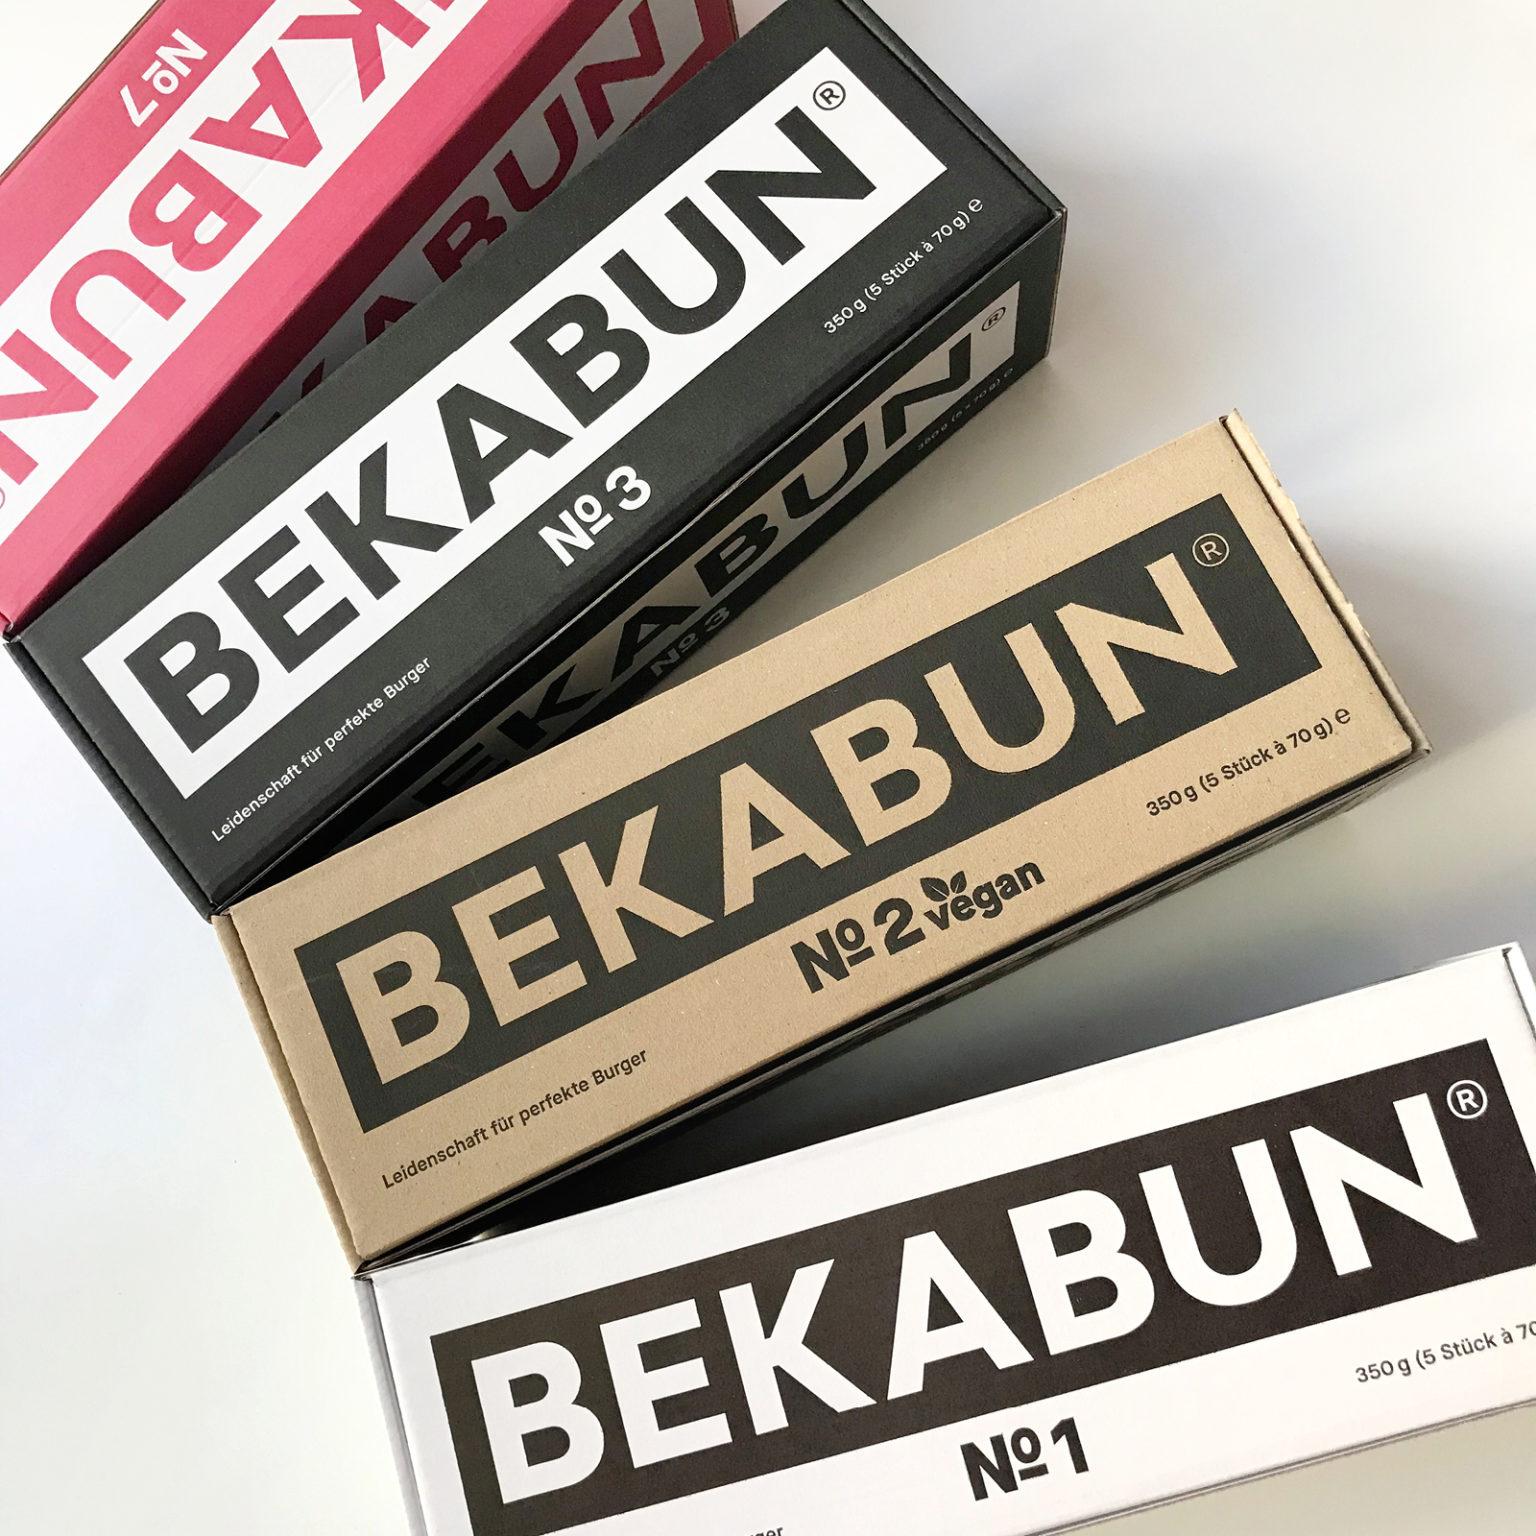 BEKABUN Branding und Design Referenz der Agentur RIGHT Marketing Berlin.